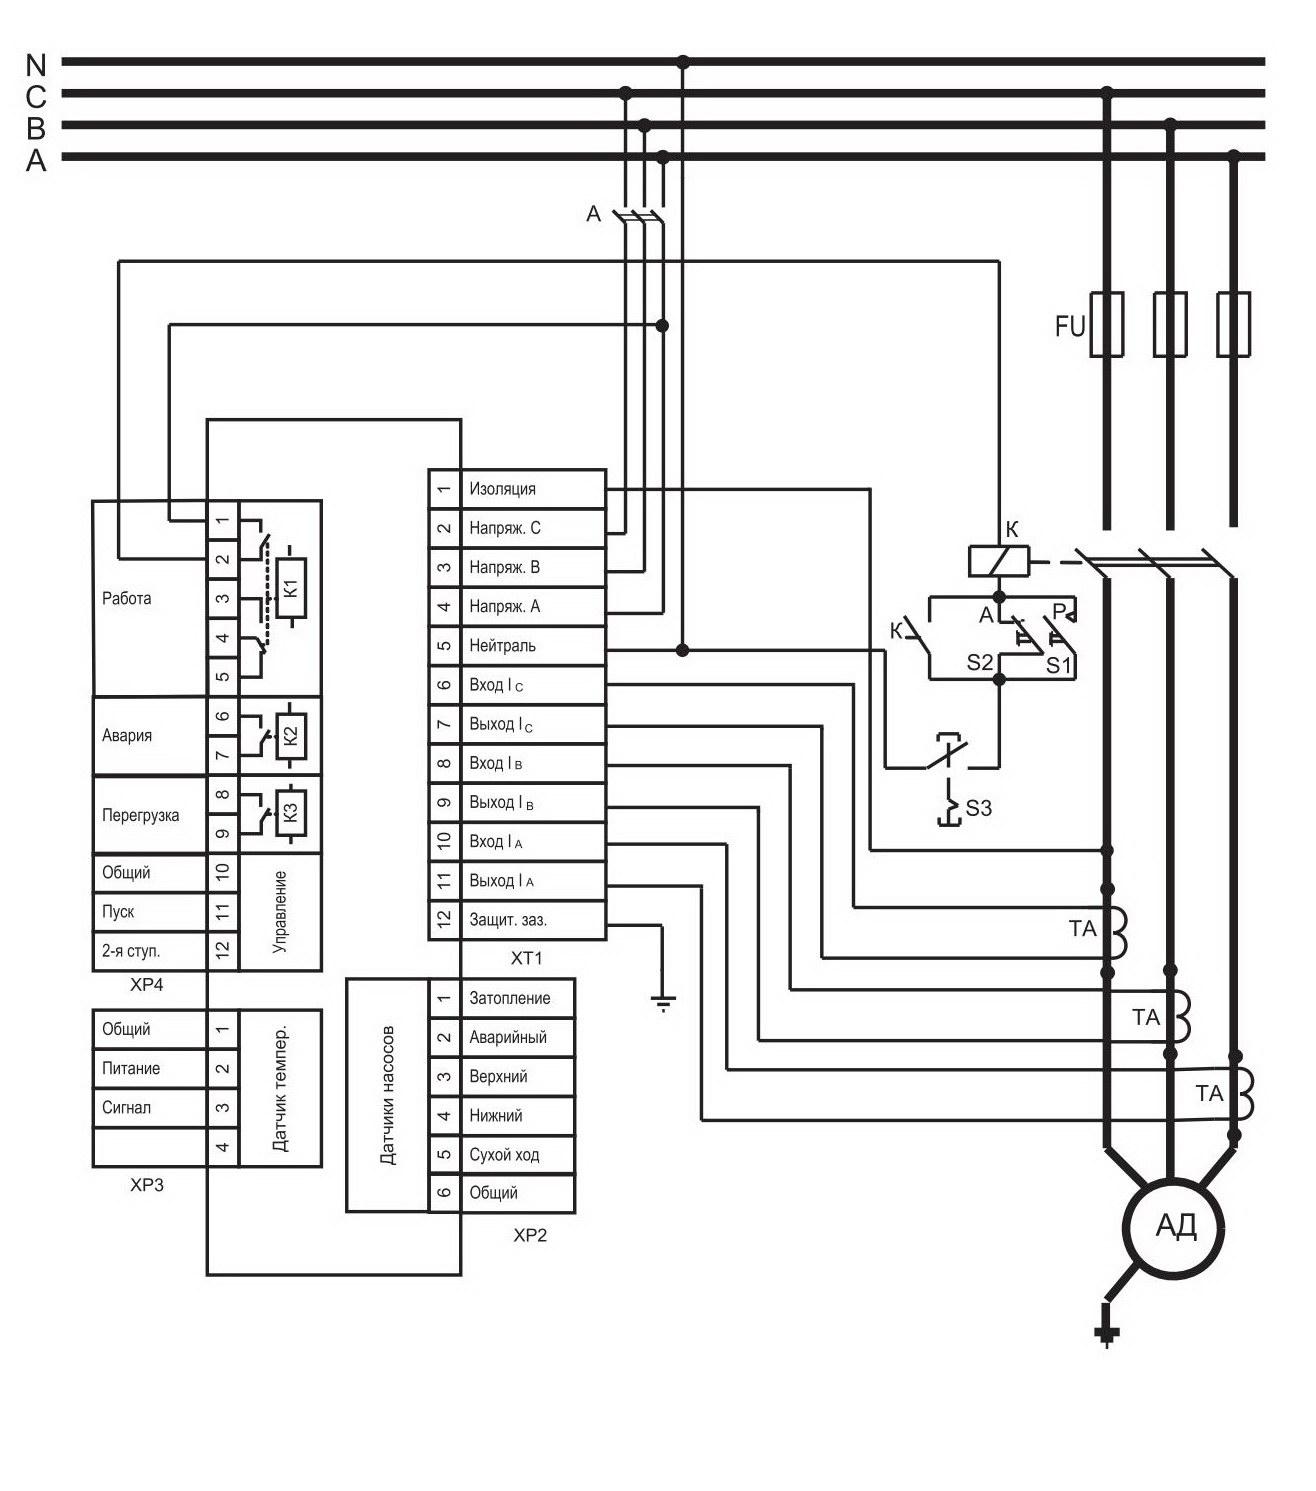 РДЦ-05, РДЦ-06 - схема подключения